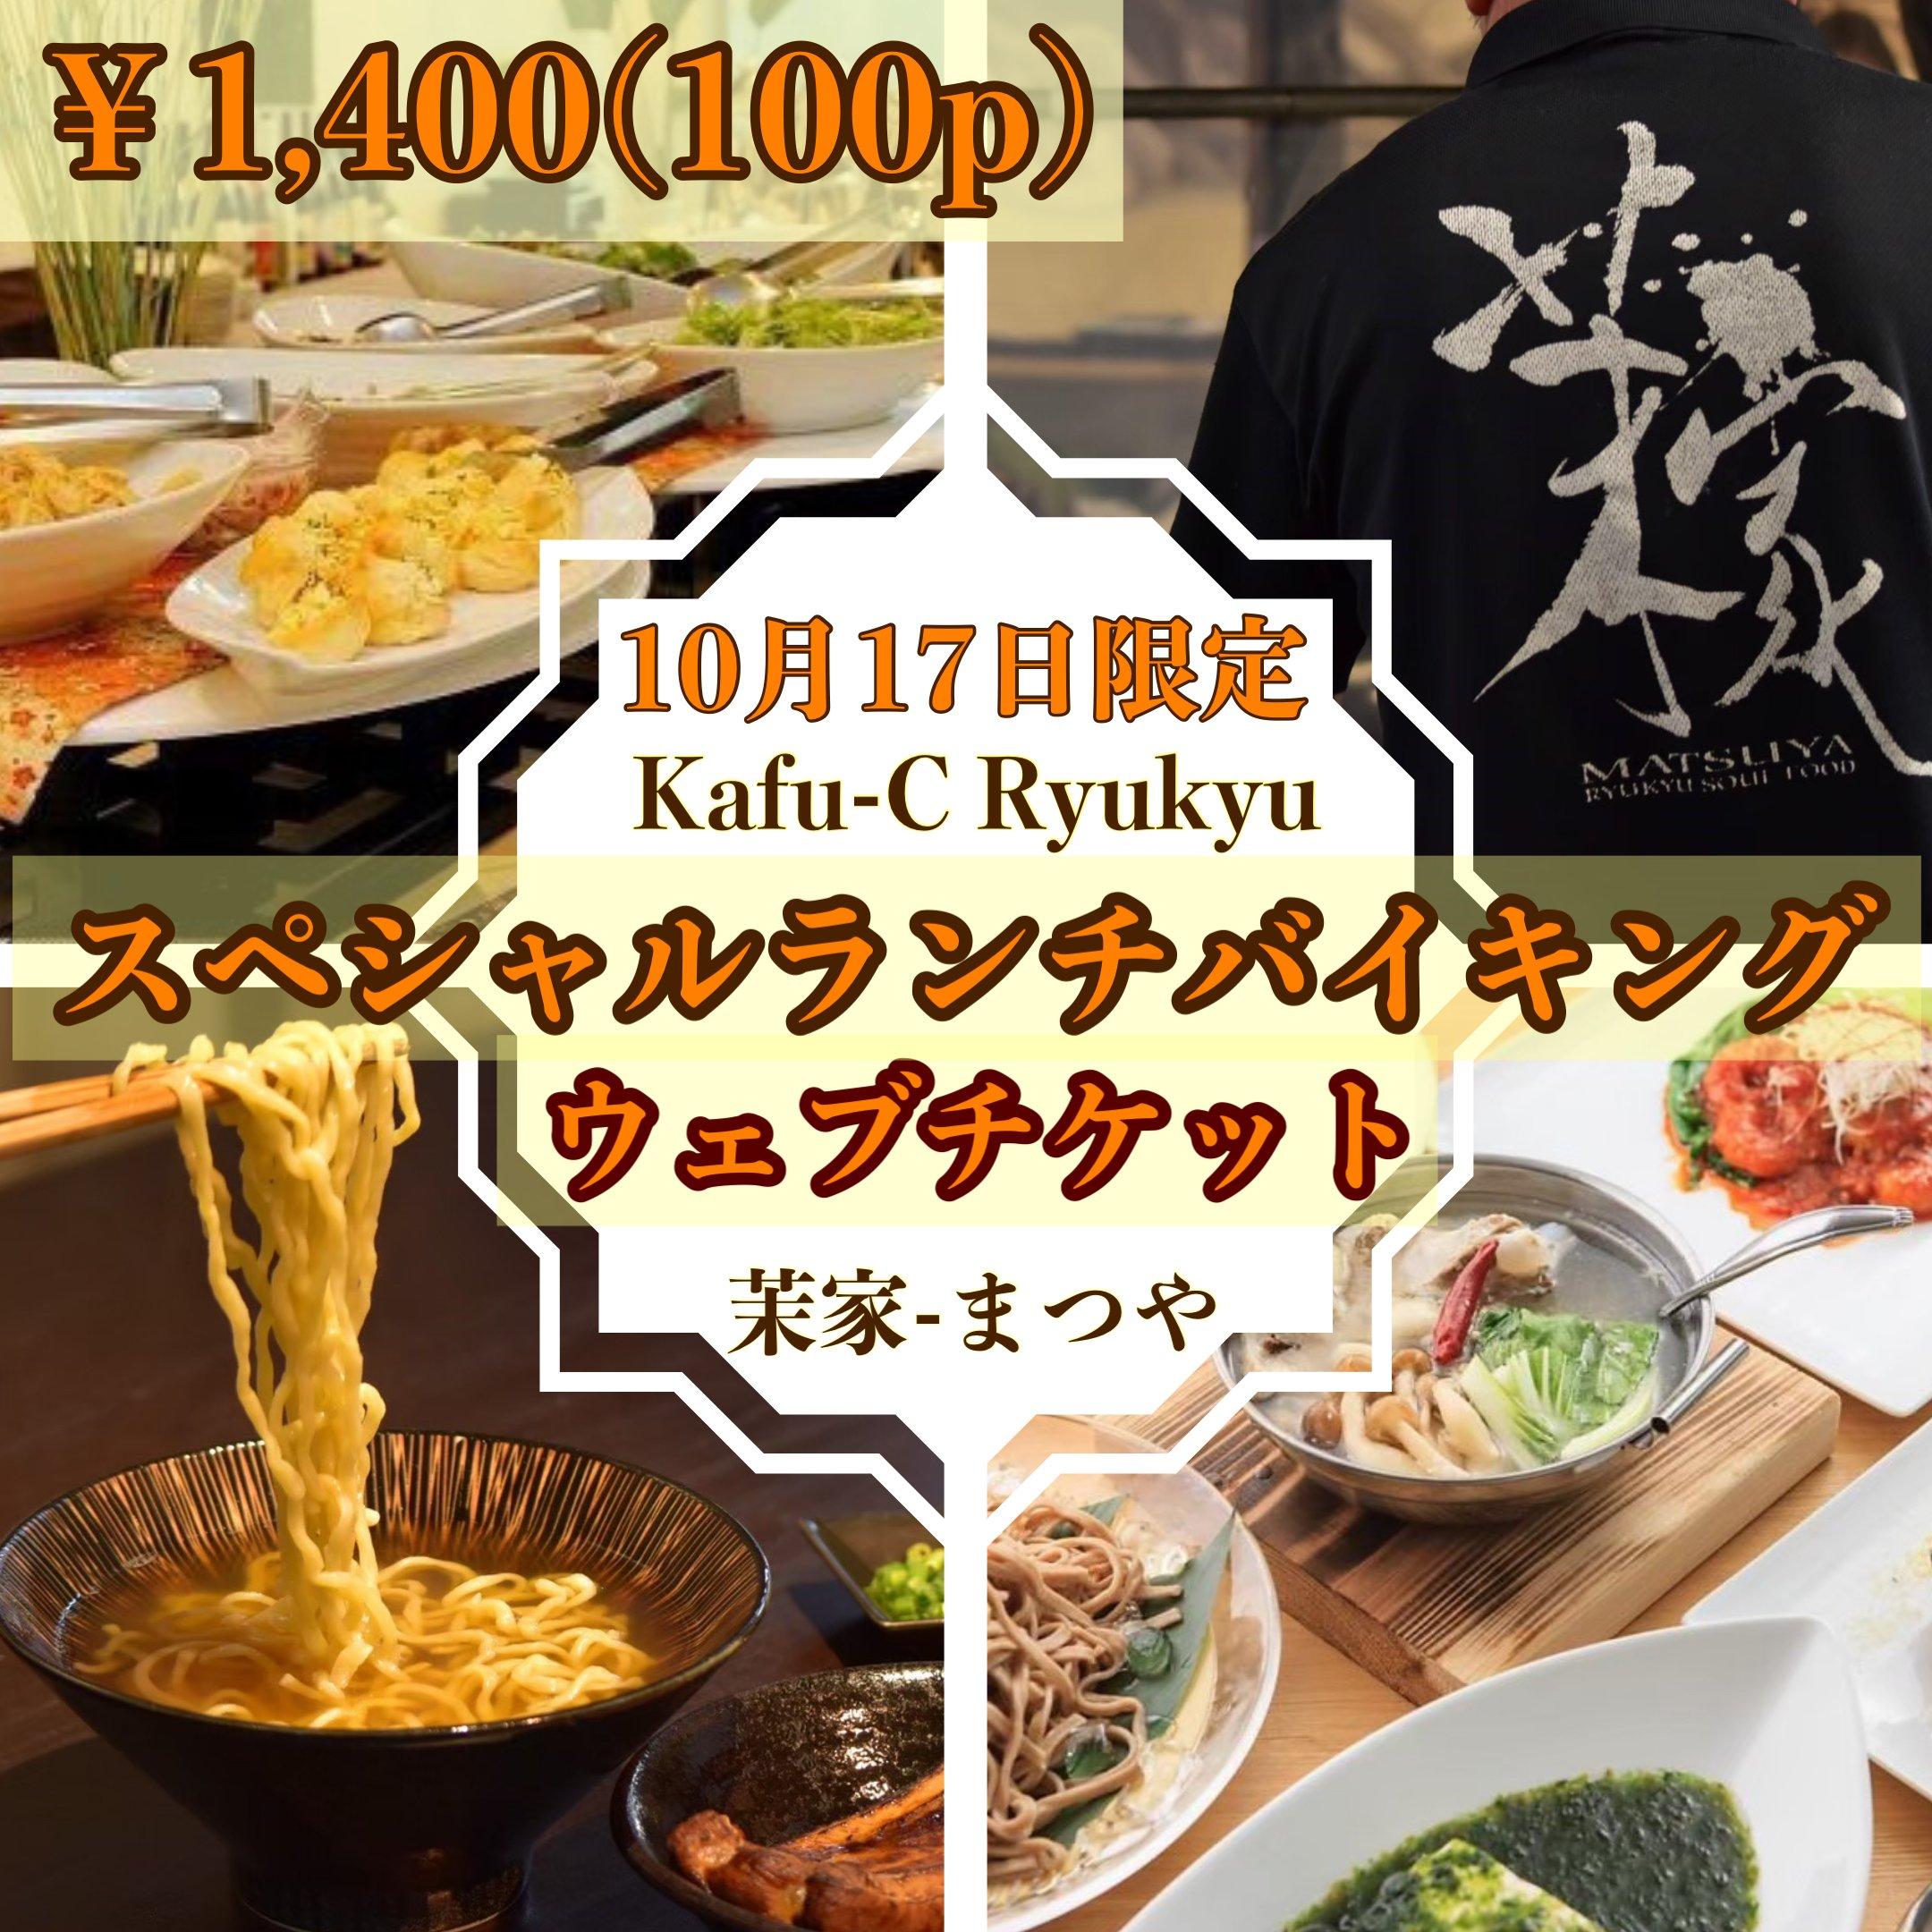 ◆現地支払い専用◆カフーシリュウキュウ×琉球麺 茉家◆沖縄そばの日スペシャルランチバイキングお得なウェブチケットのイメージその1